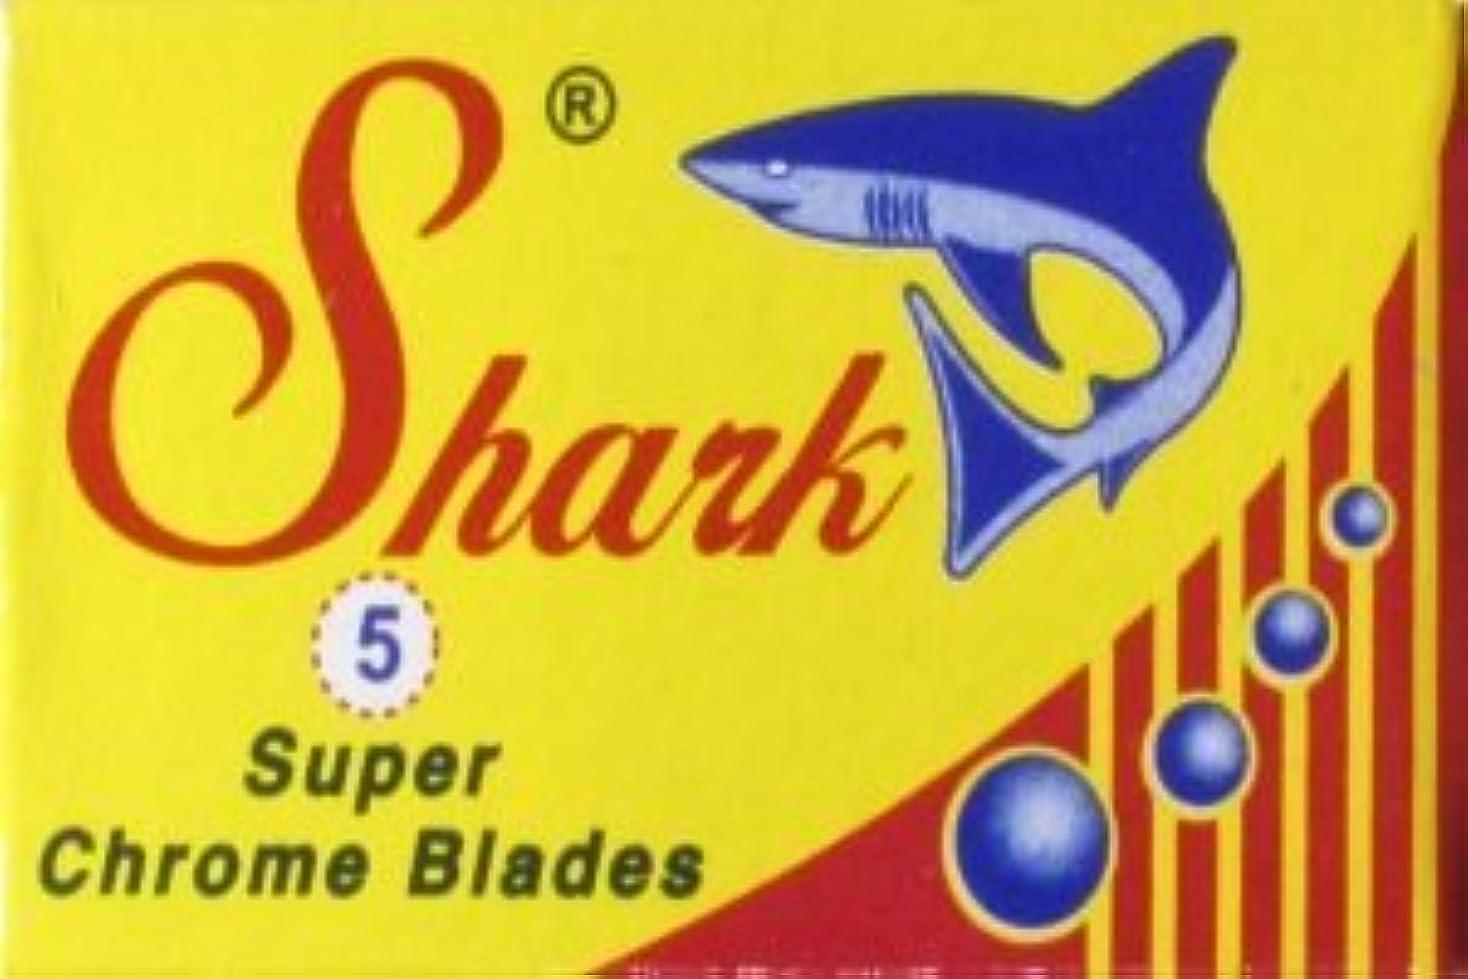 へこみまどろみのある抽象化Shark Super Chrome 両刃替刃 5枚入り(5枚入り1 個セット)【並行輸入品】